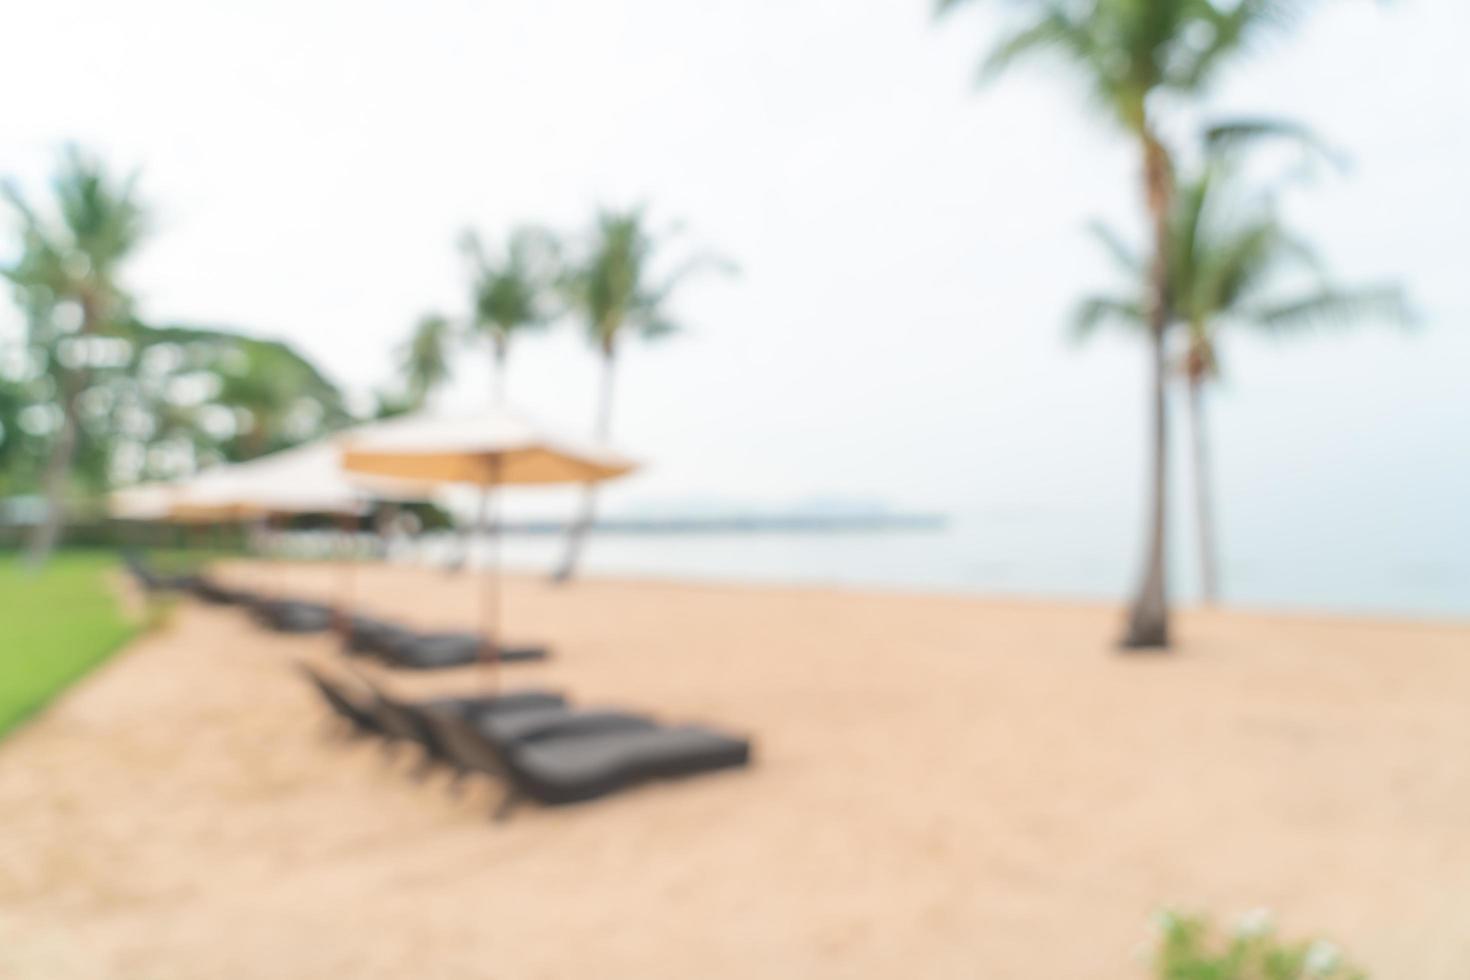 abstract vervagen strandstoel op het strand met oceaanzee voor achtergrond - reis- en vakantieconcept foto